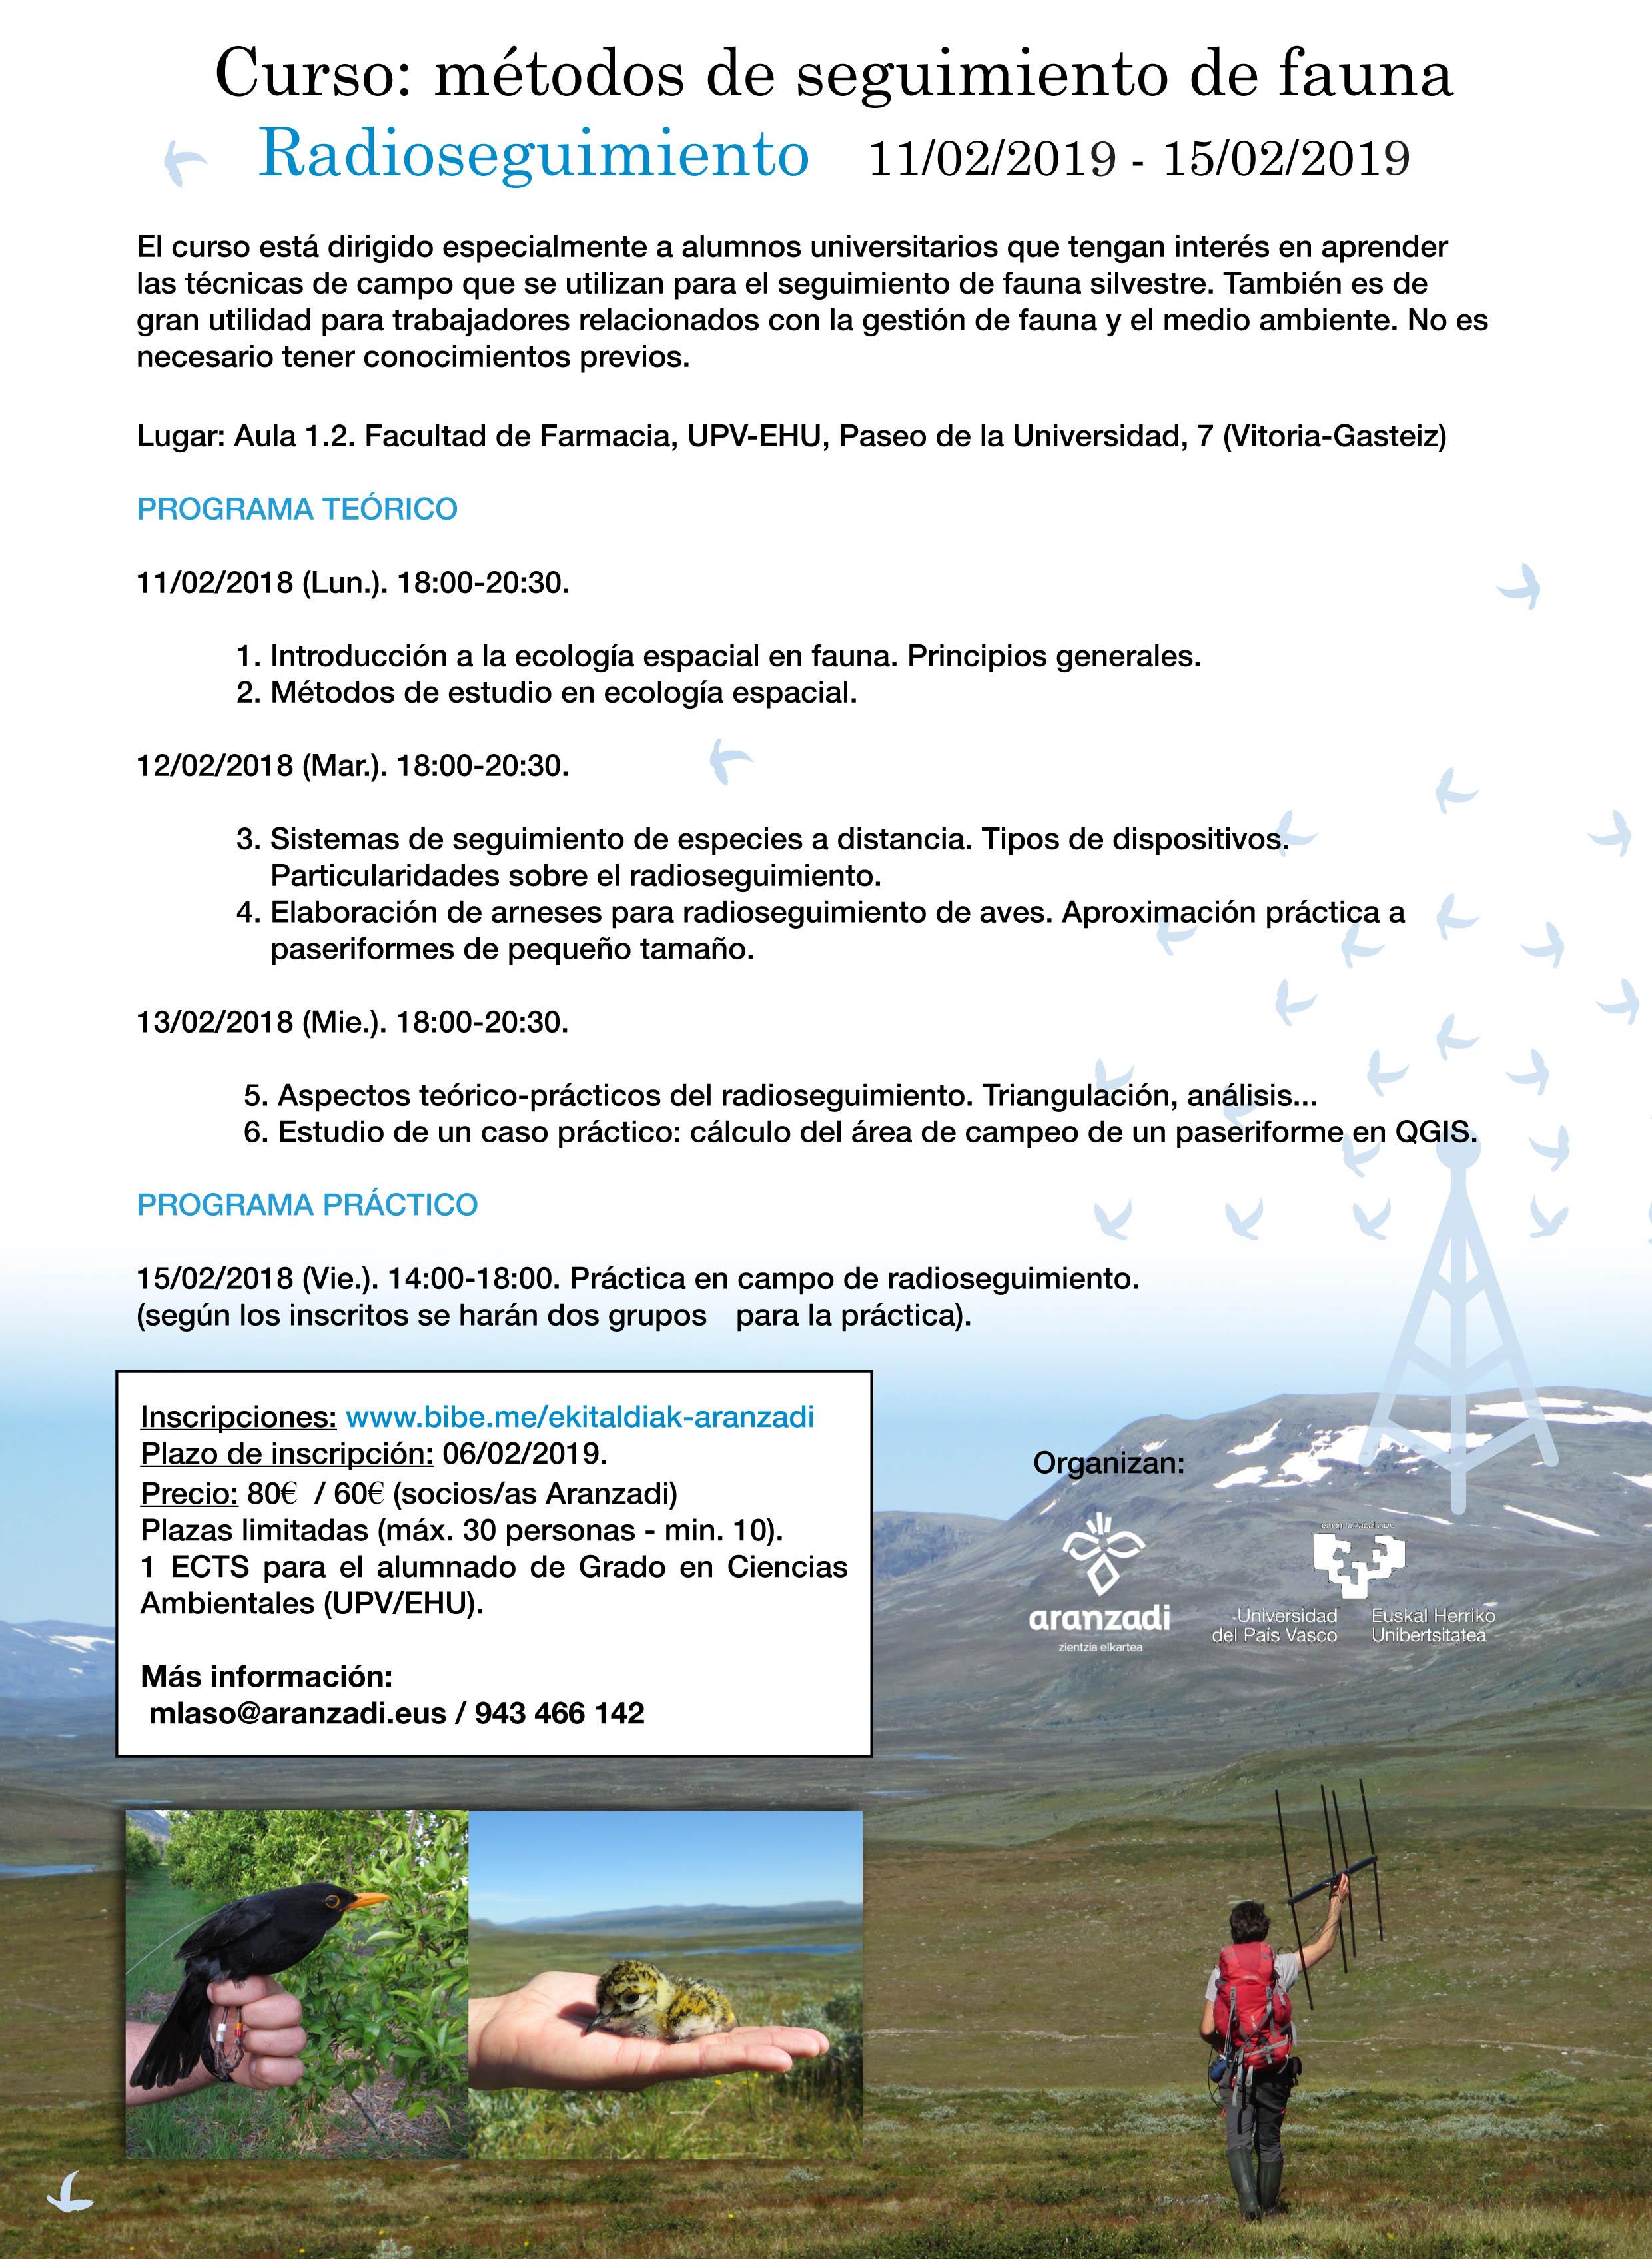 Curso de radioseguimiento de fauna 2, con Aranzadi